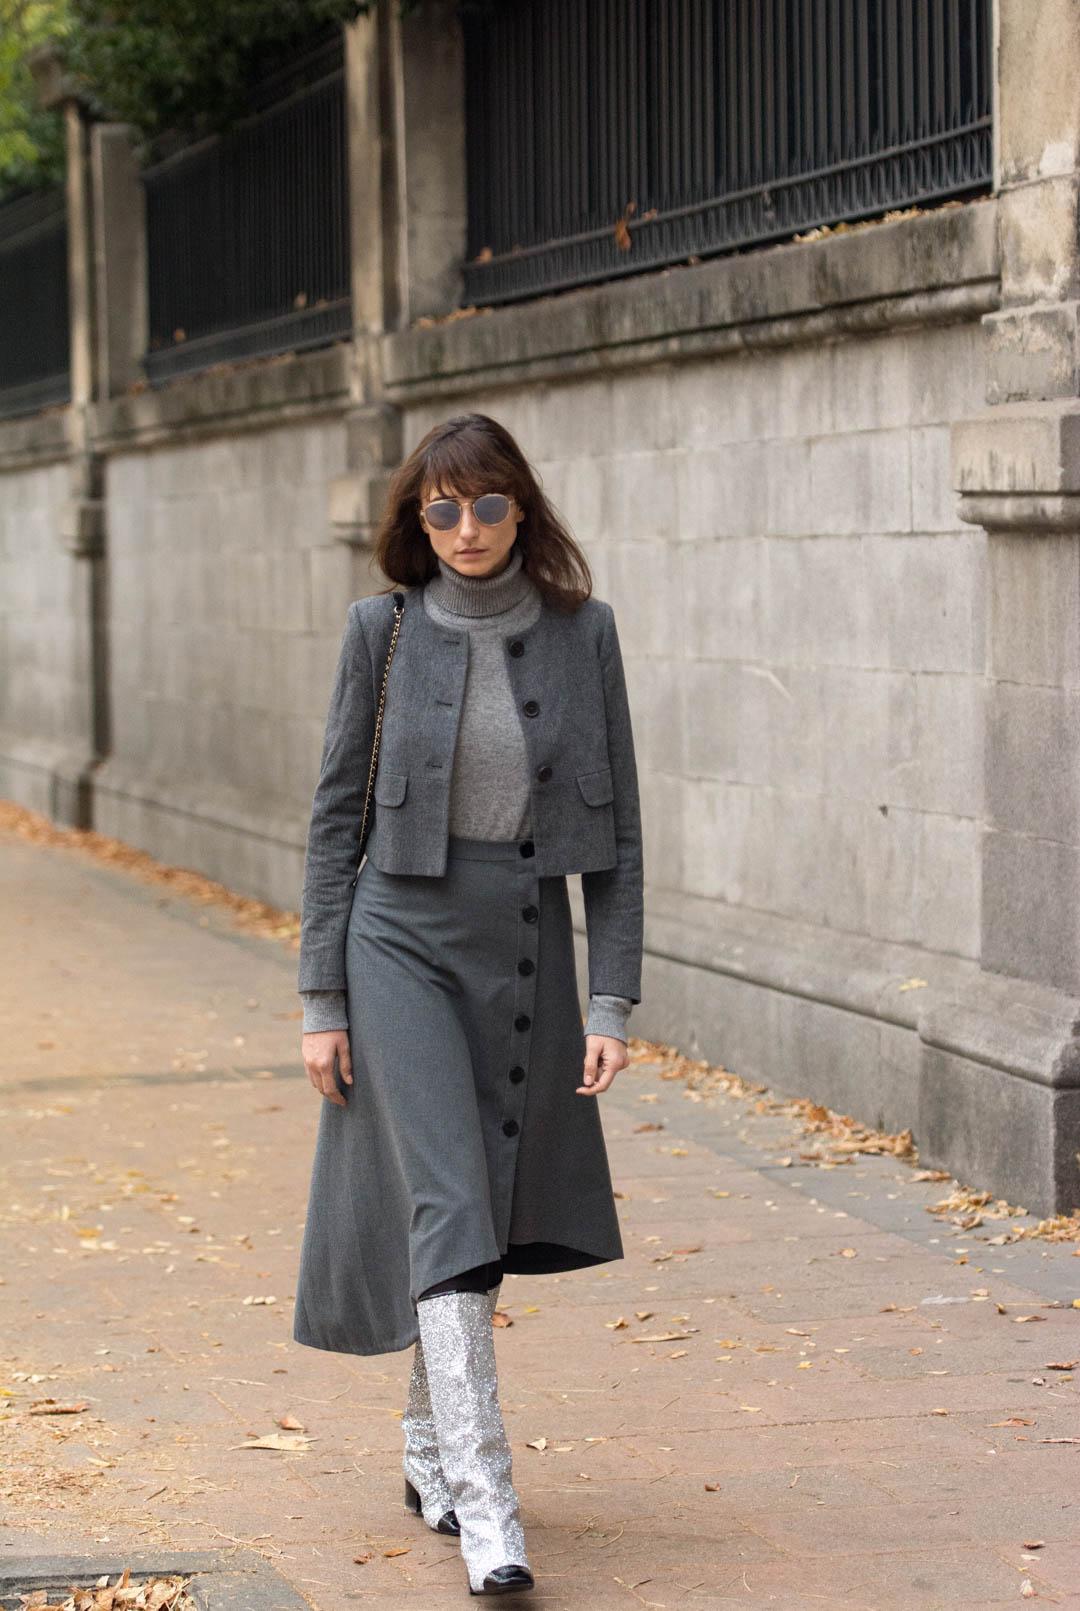 chanela-brillante-street-style-mitmeblog-web-01